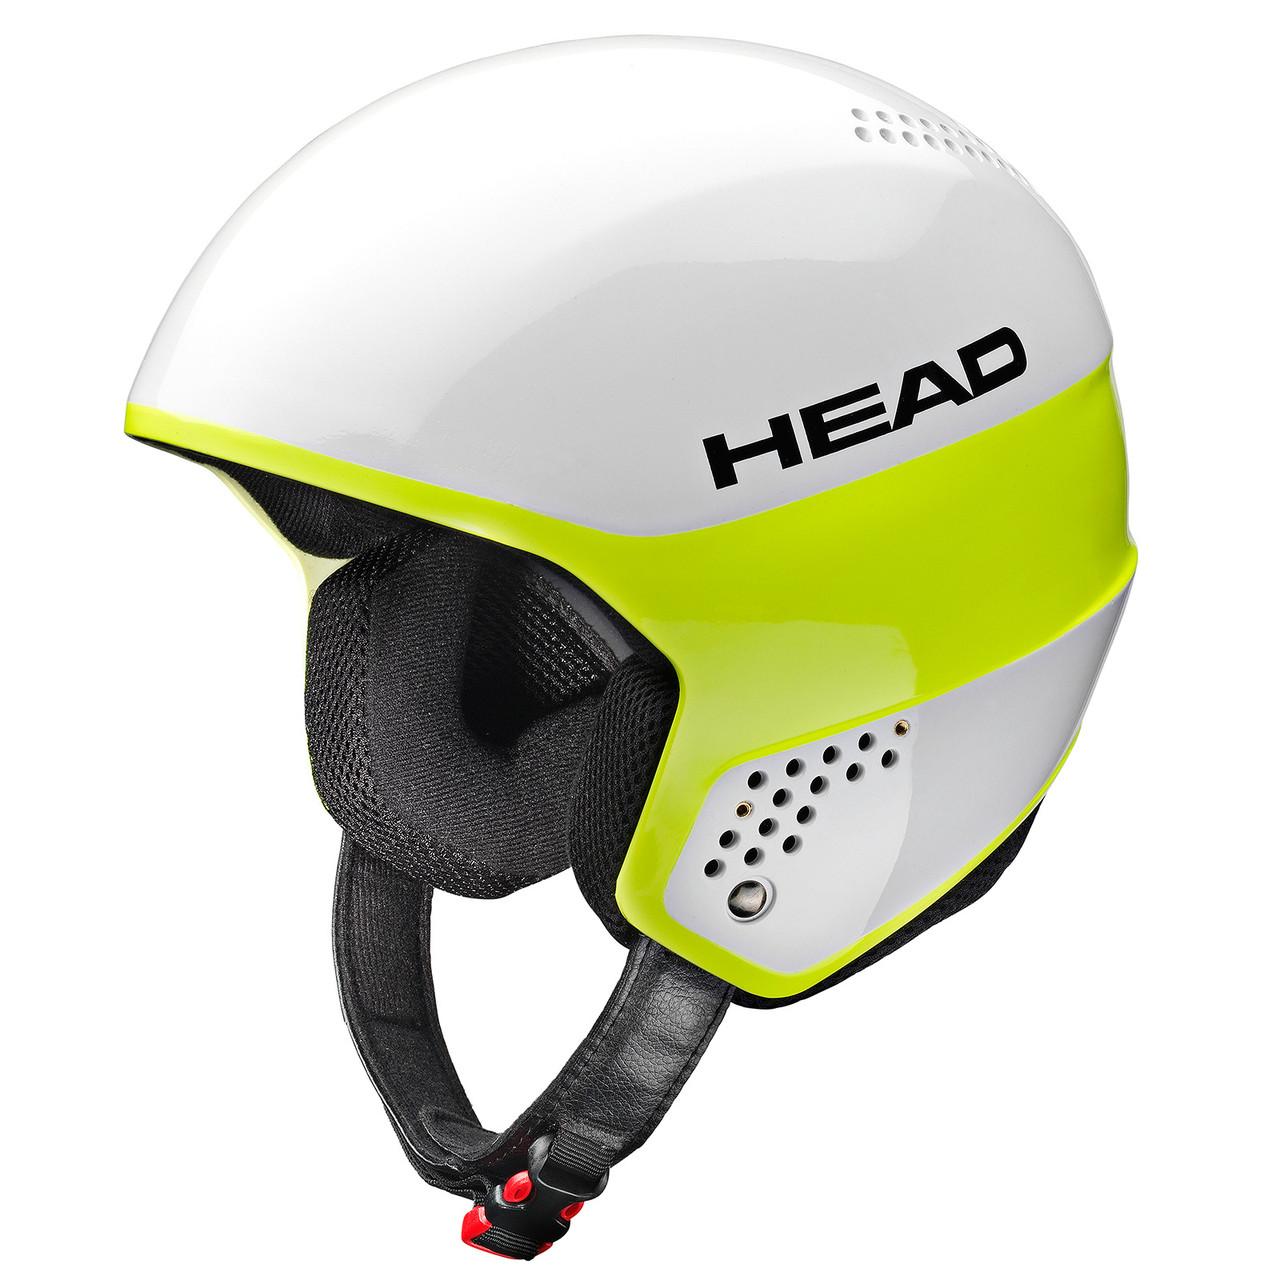 Горнолыжный шлем Head Stivot white/lime (MD)